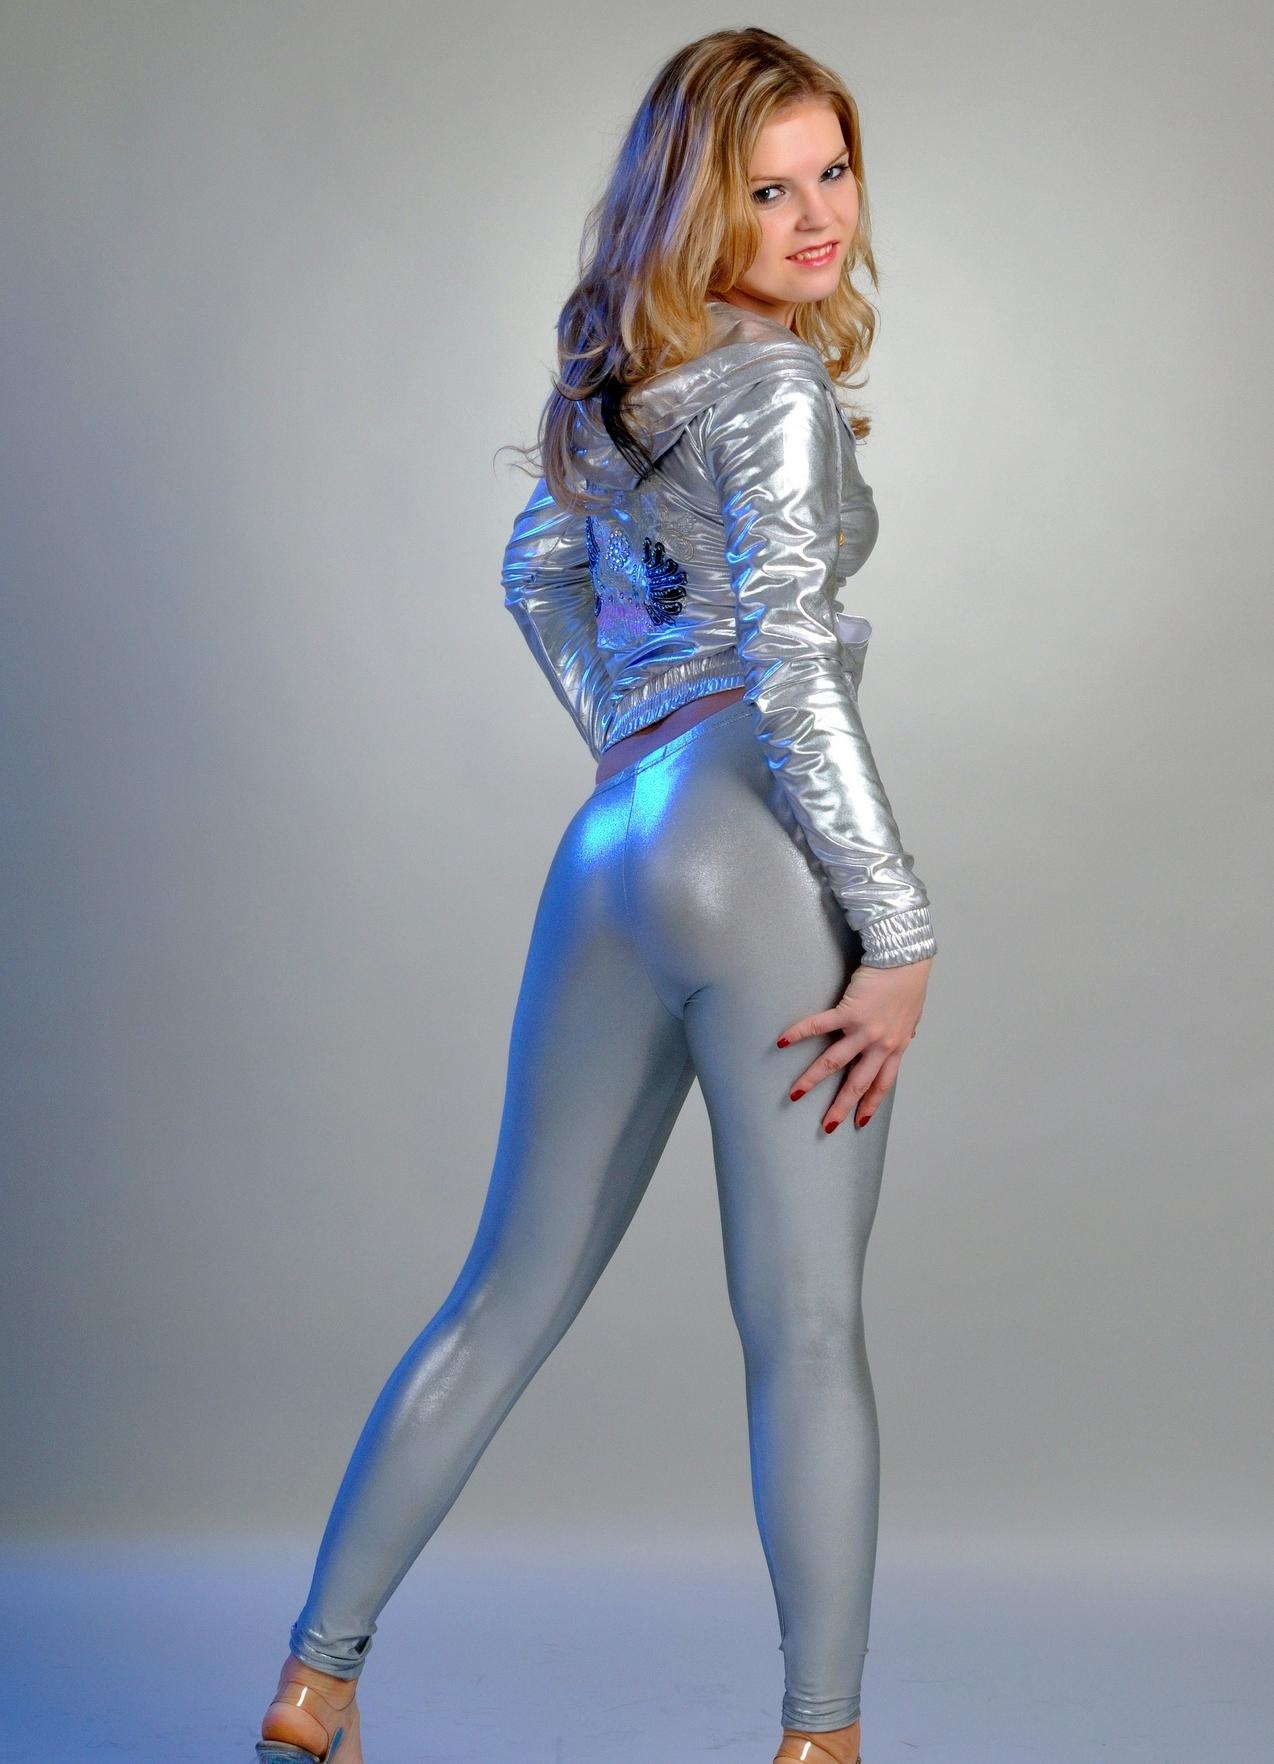 Shiny pants videos